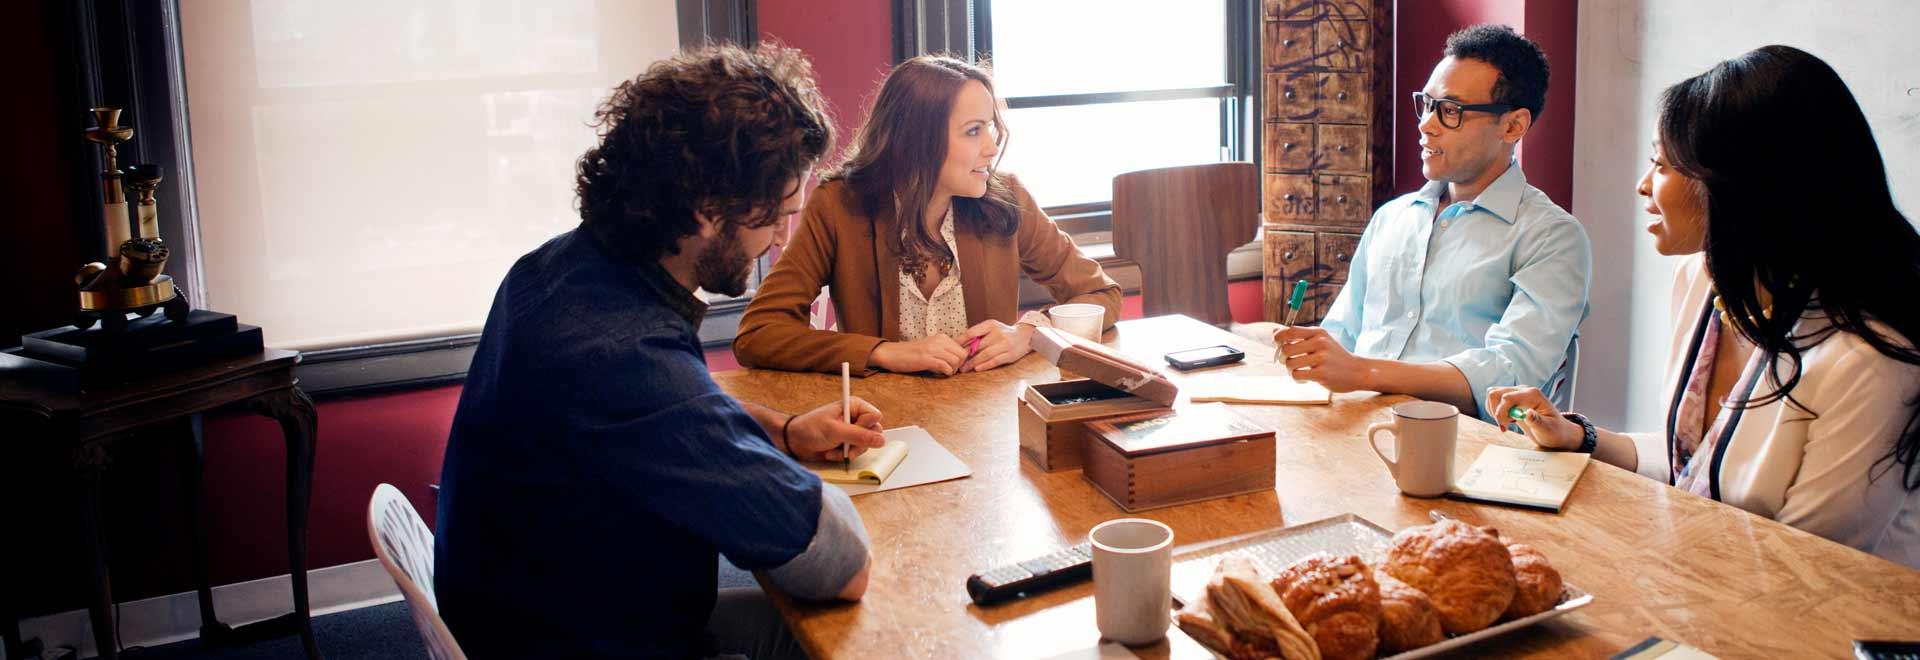 Cuatro personas trabajando en una oficina usando Office 365 Enterprise E3